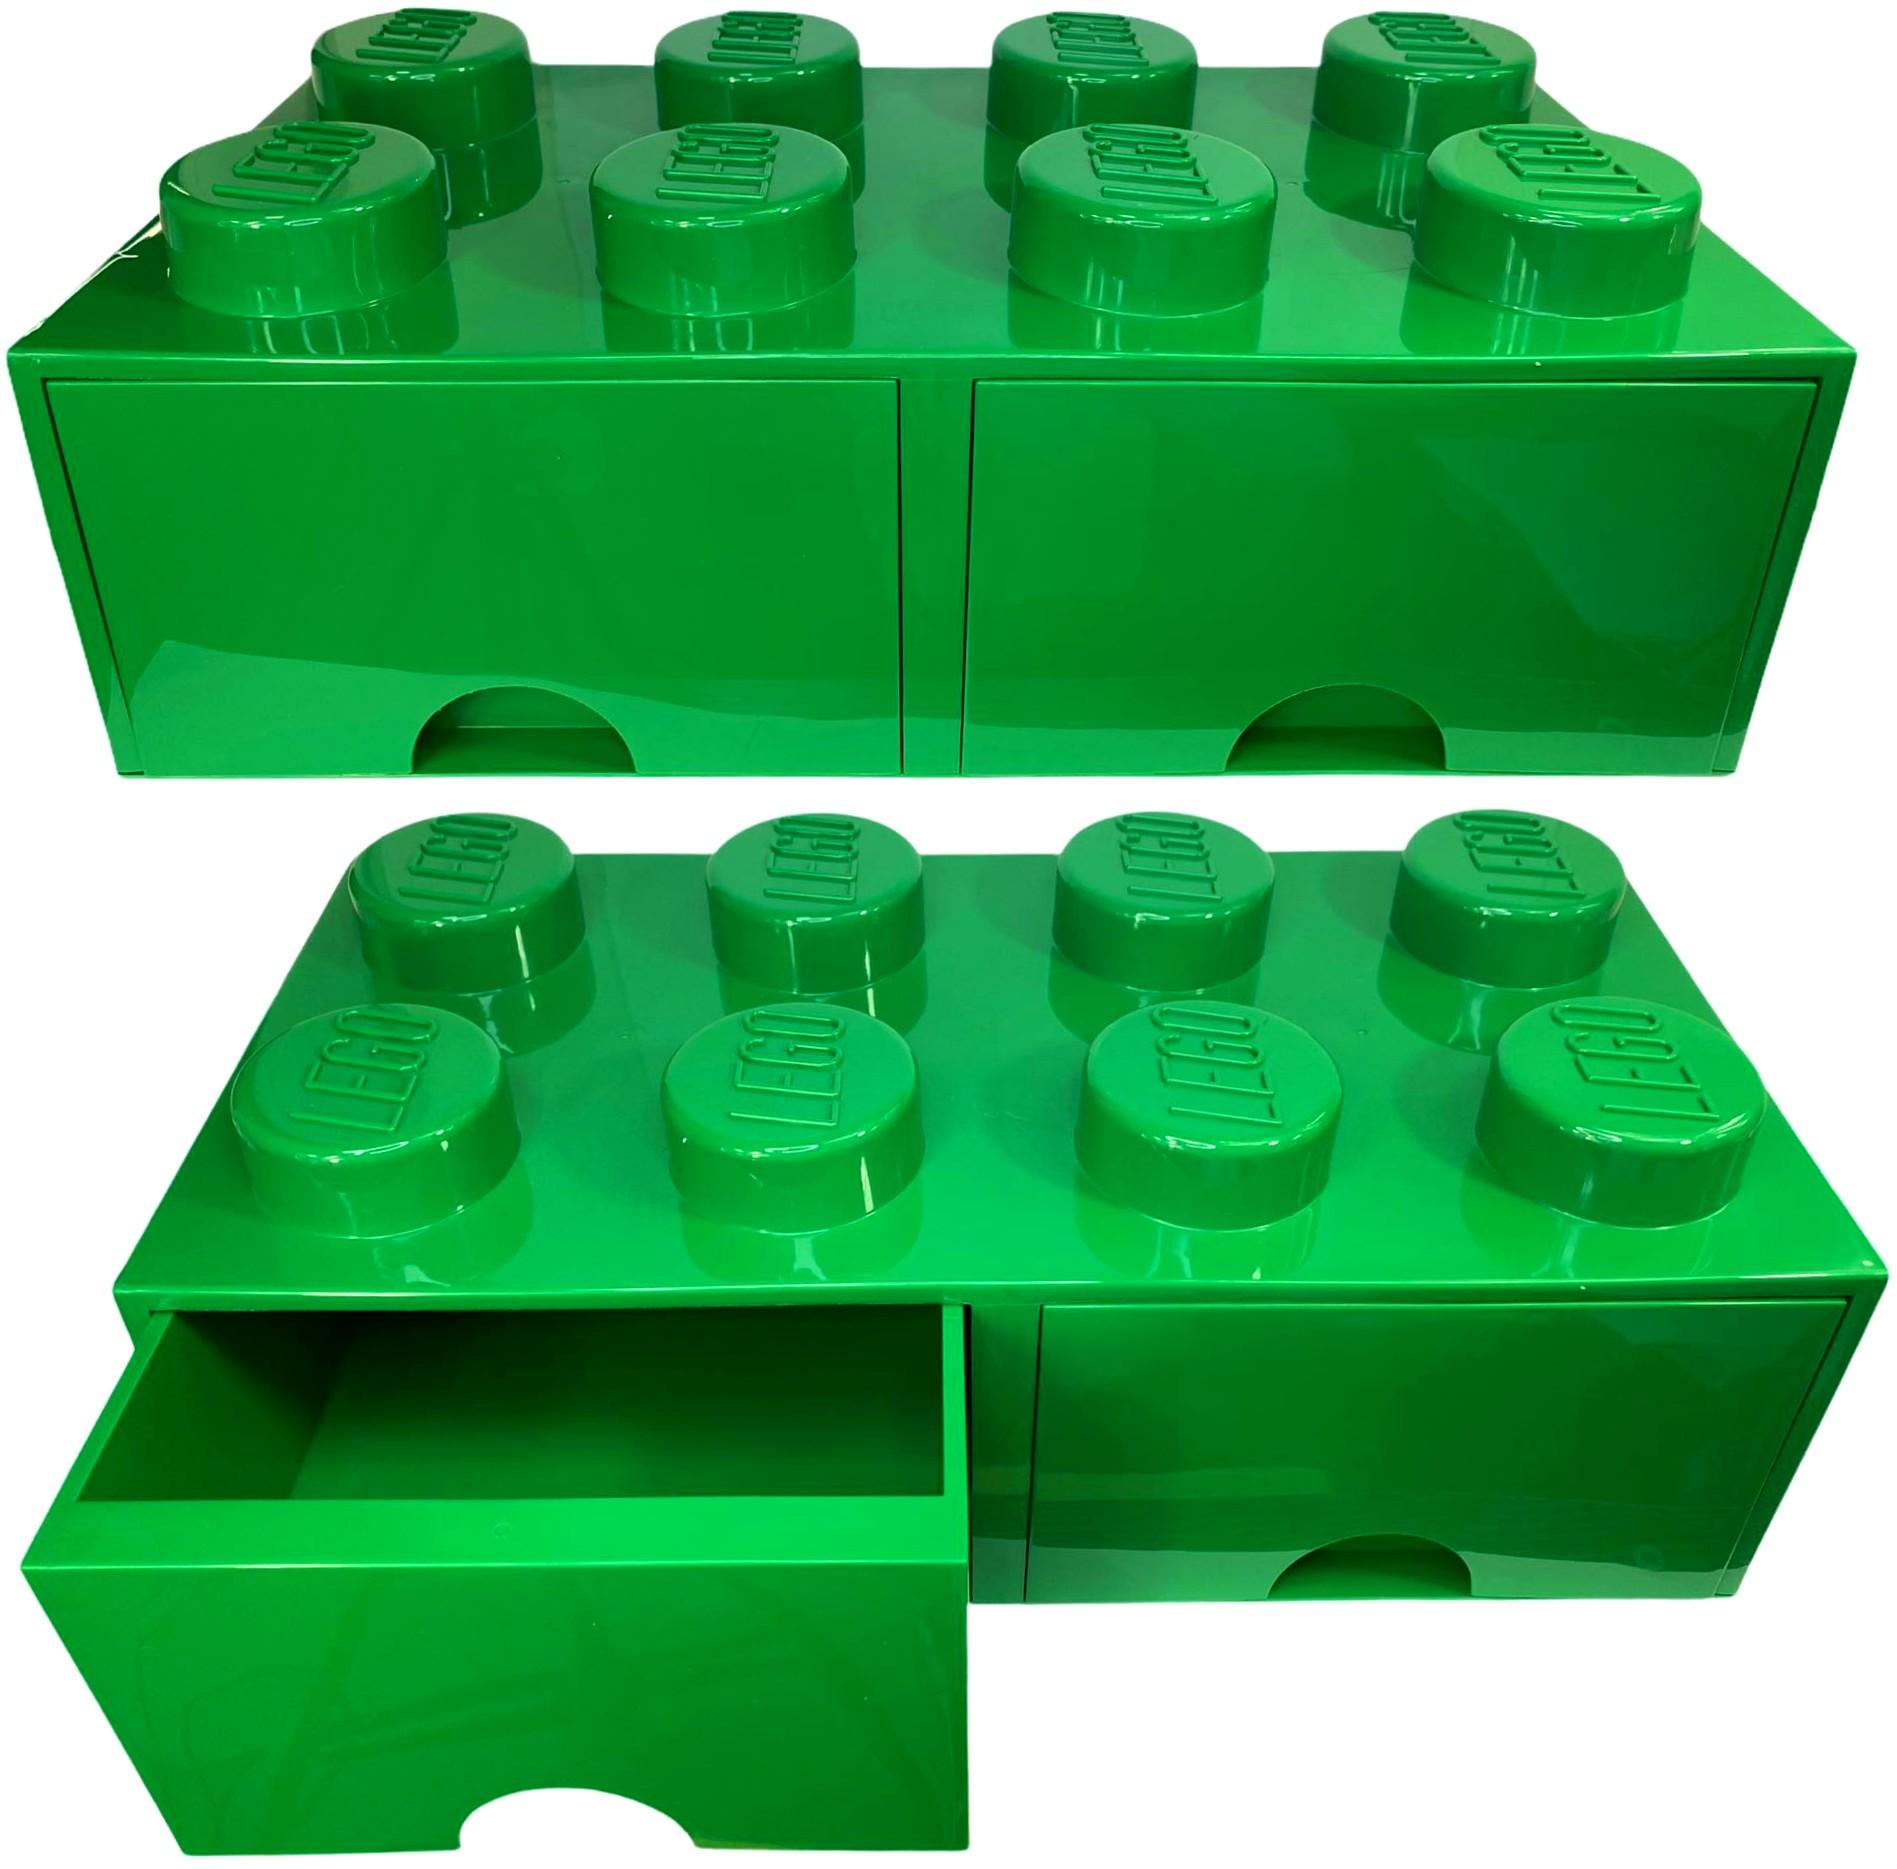 Pojemnik LEGO 8 szuflada zielony na klocki prezent